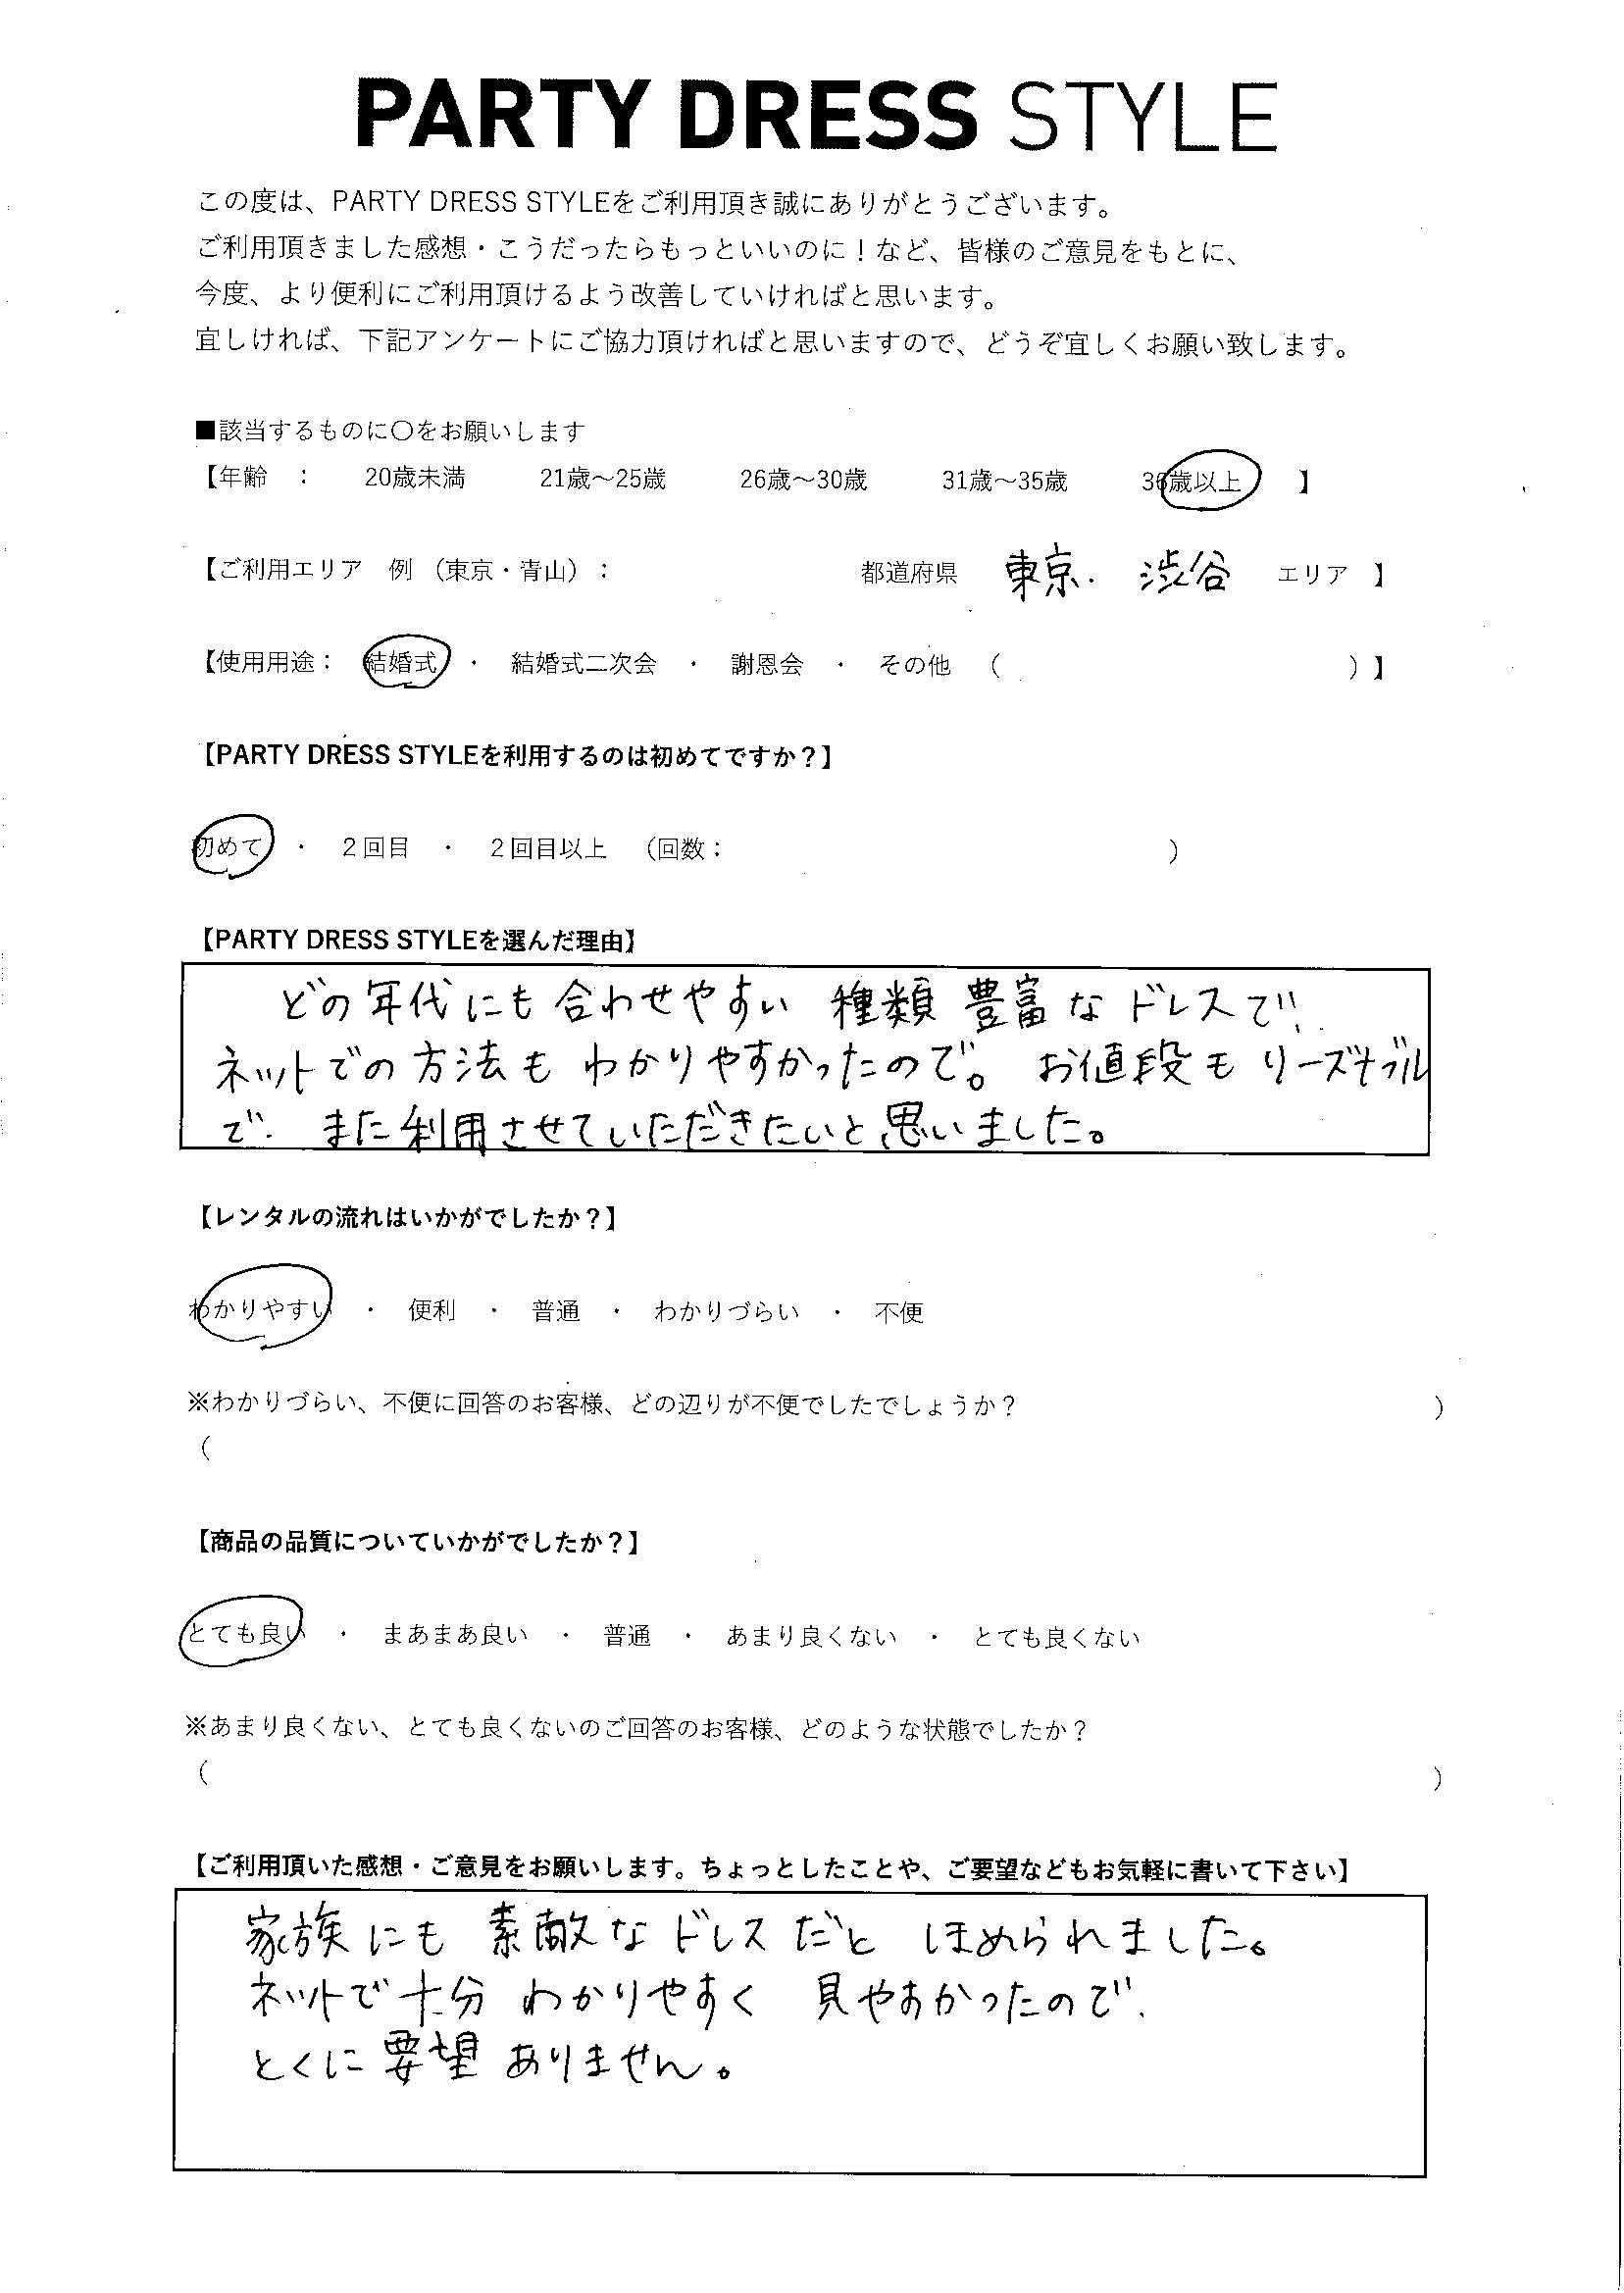 10/4結婚式ご利用 東京・渋谷エリア